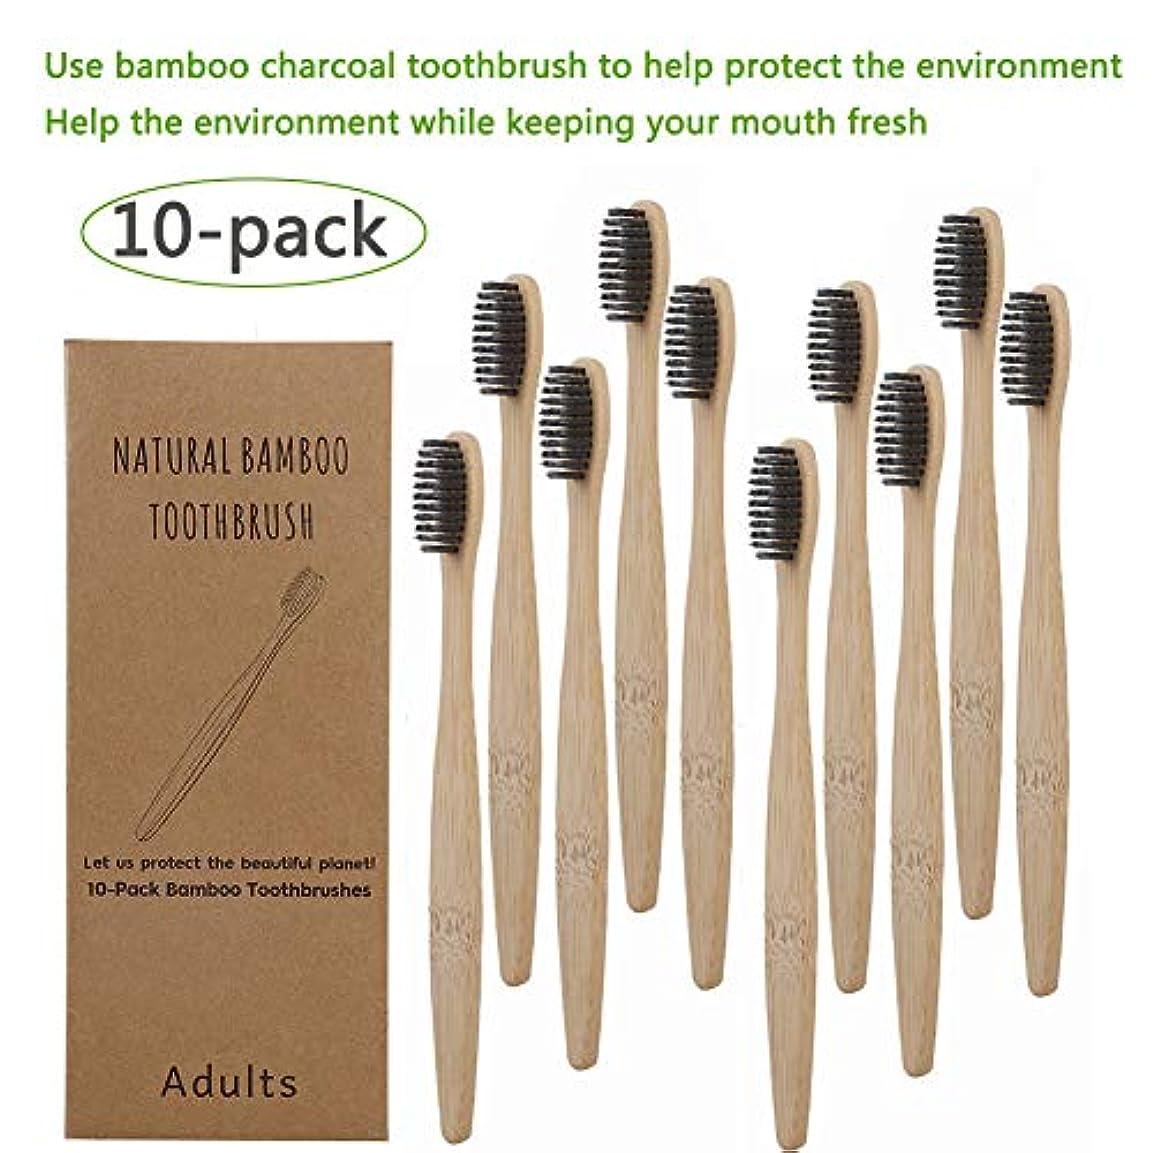 配る火薬ローマ人Doo 10pcs 大人用竹の歯ブラシ 天然竹歯ブラシ 環境保護 柔らかい 歯ブラシ 口腔ケア 竹歯ブラシ 携帯用 旅行用 出張用